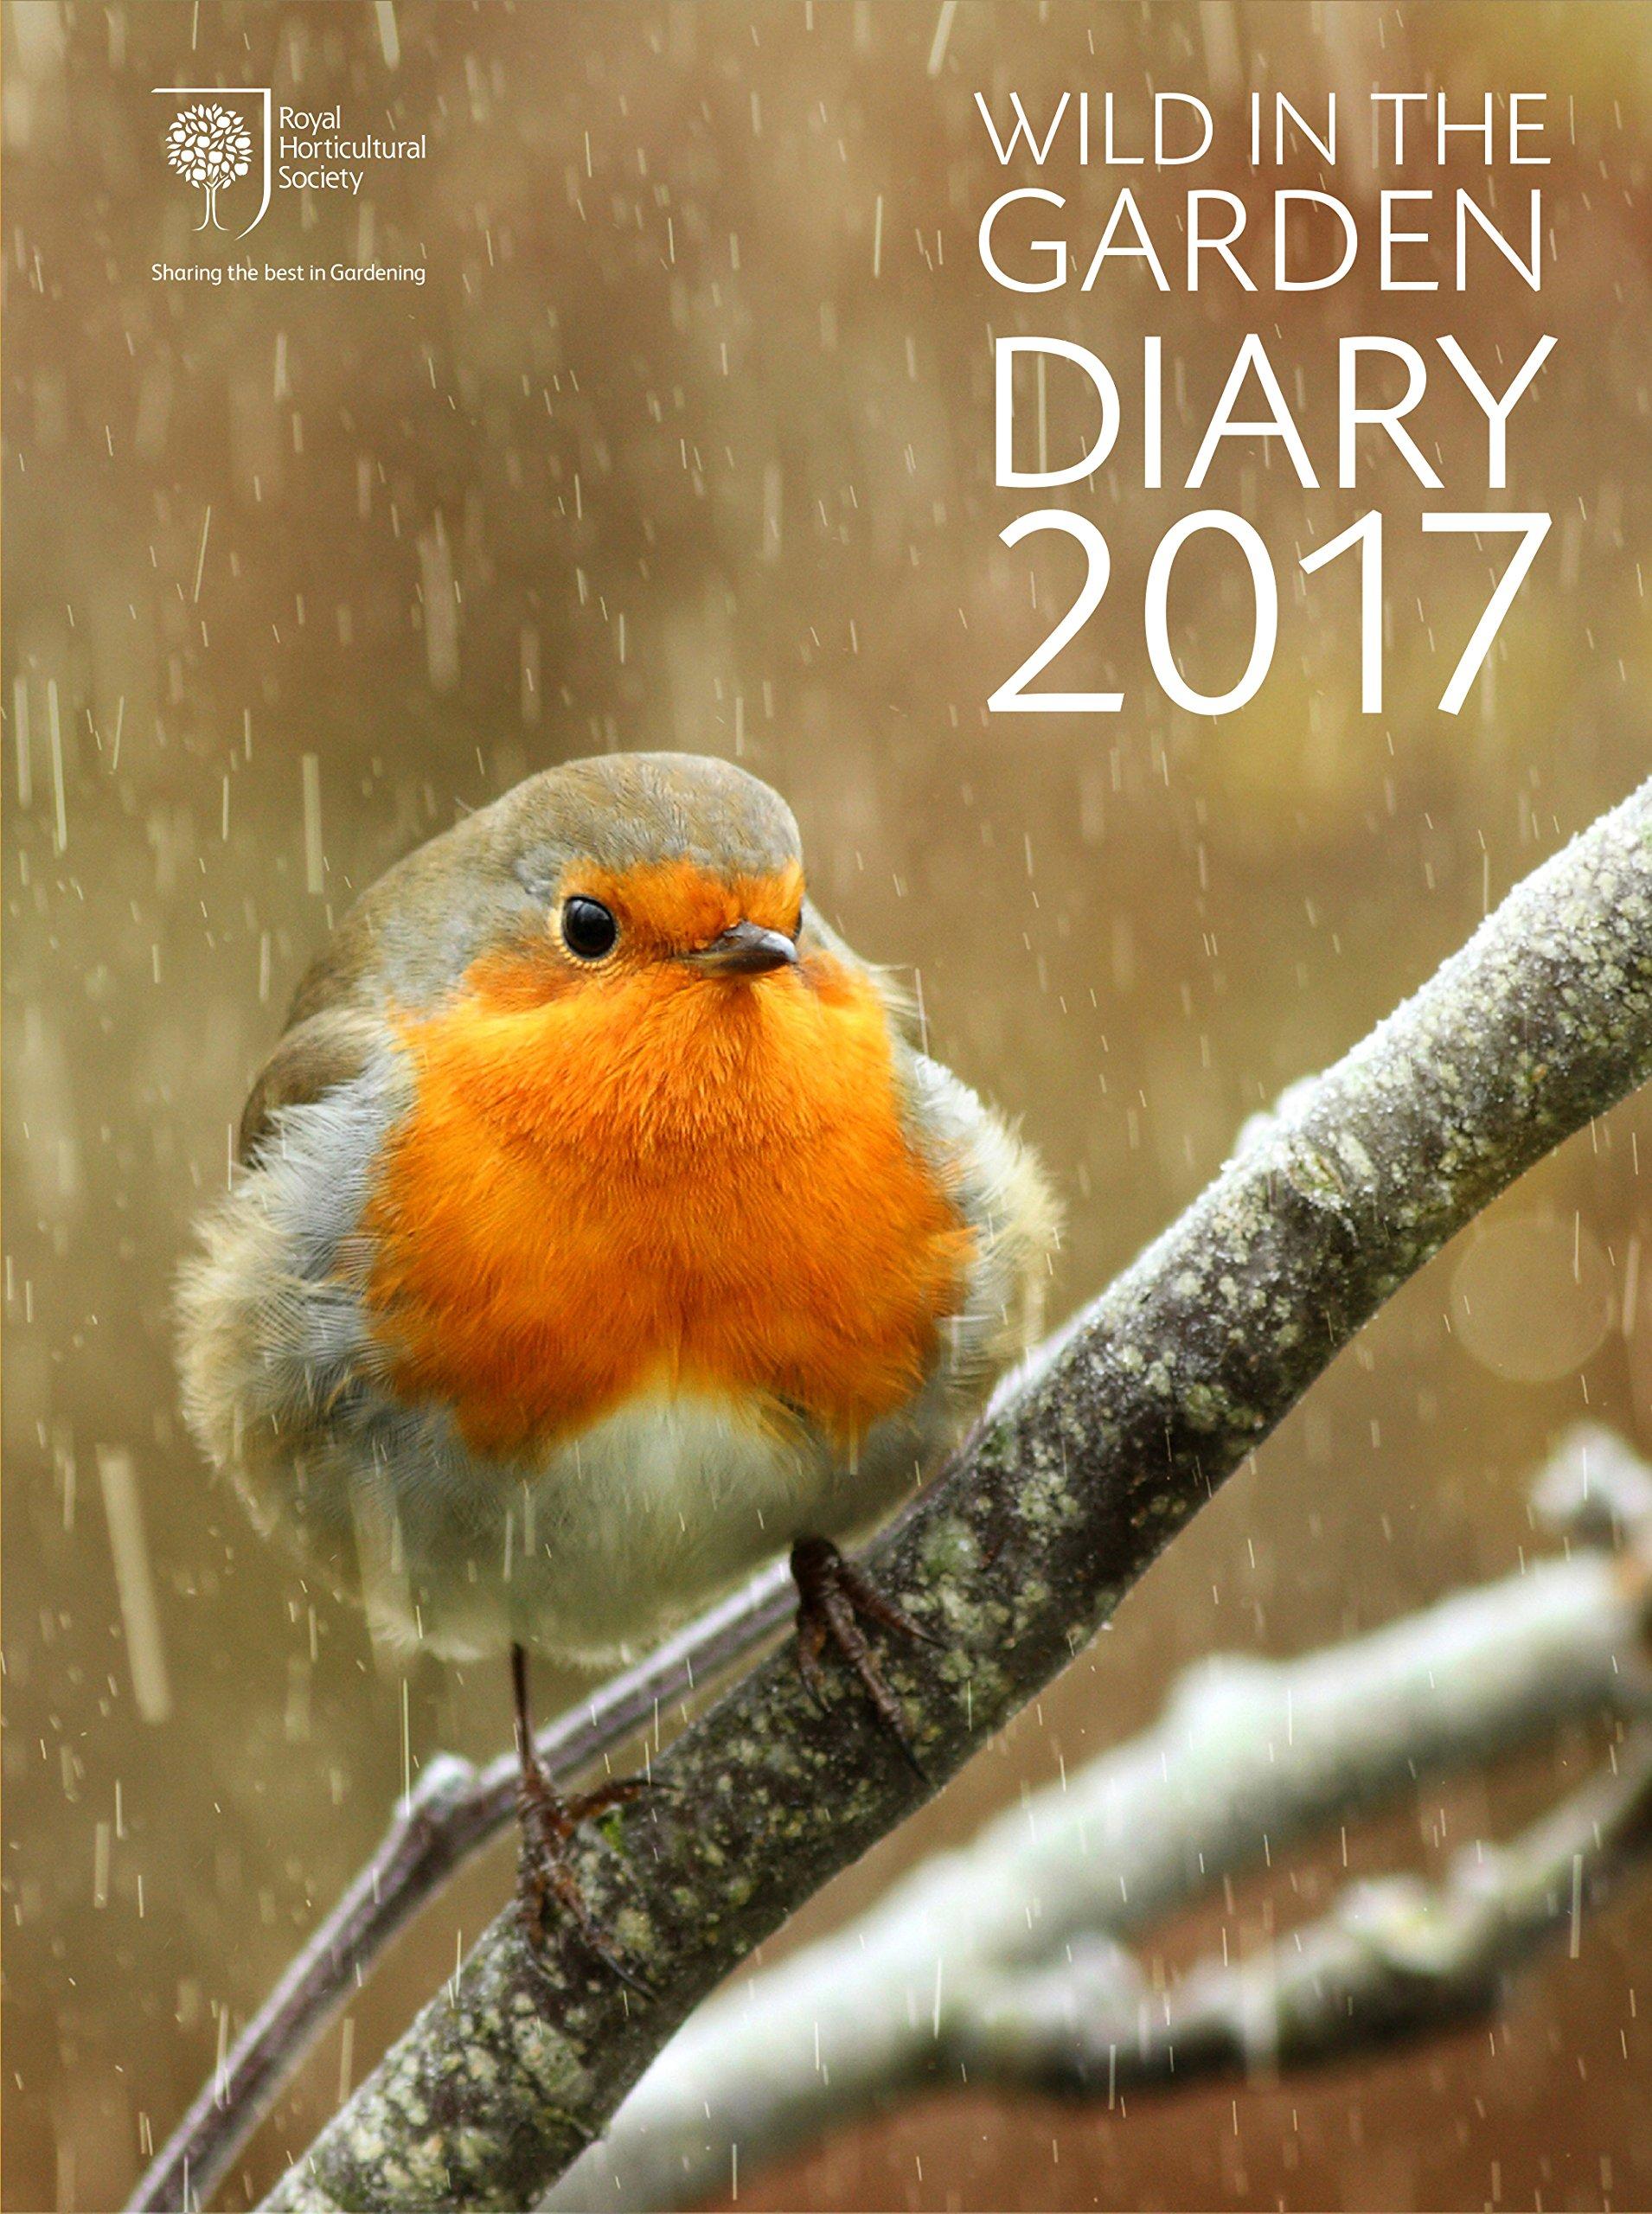 RHS Wild in the Garden Diary 2017: Sharing the best in Gardening